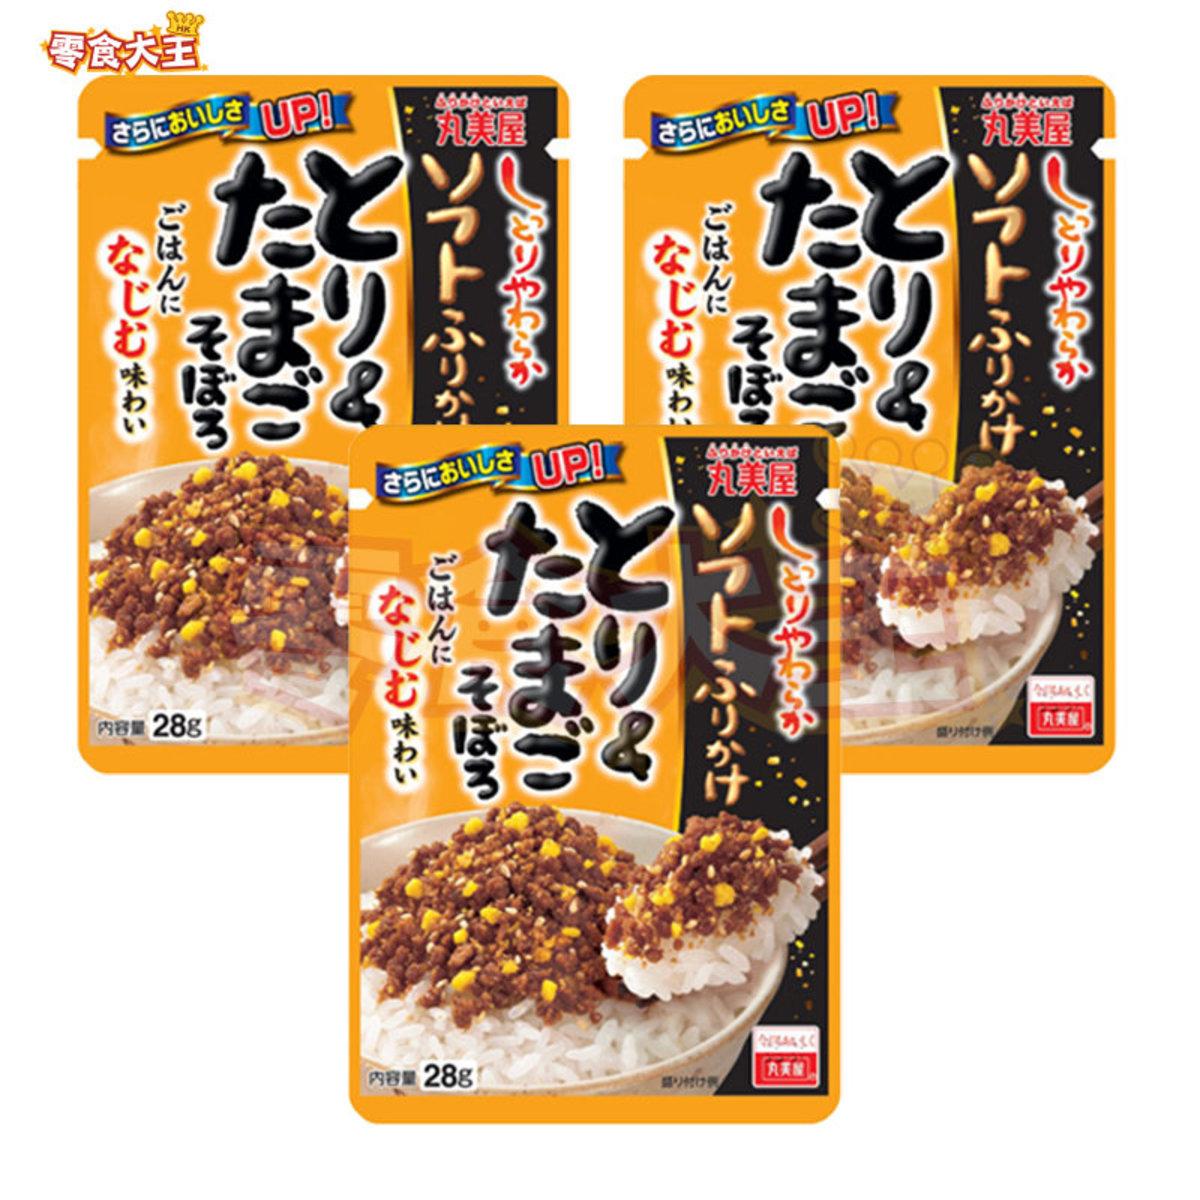 醬油雞肉雞蛋飯素 28g x 3包 (4902820917031_3)